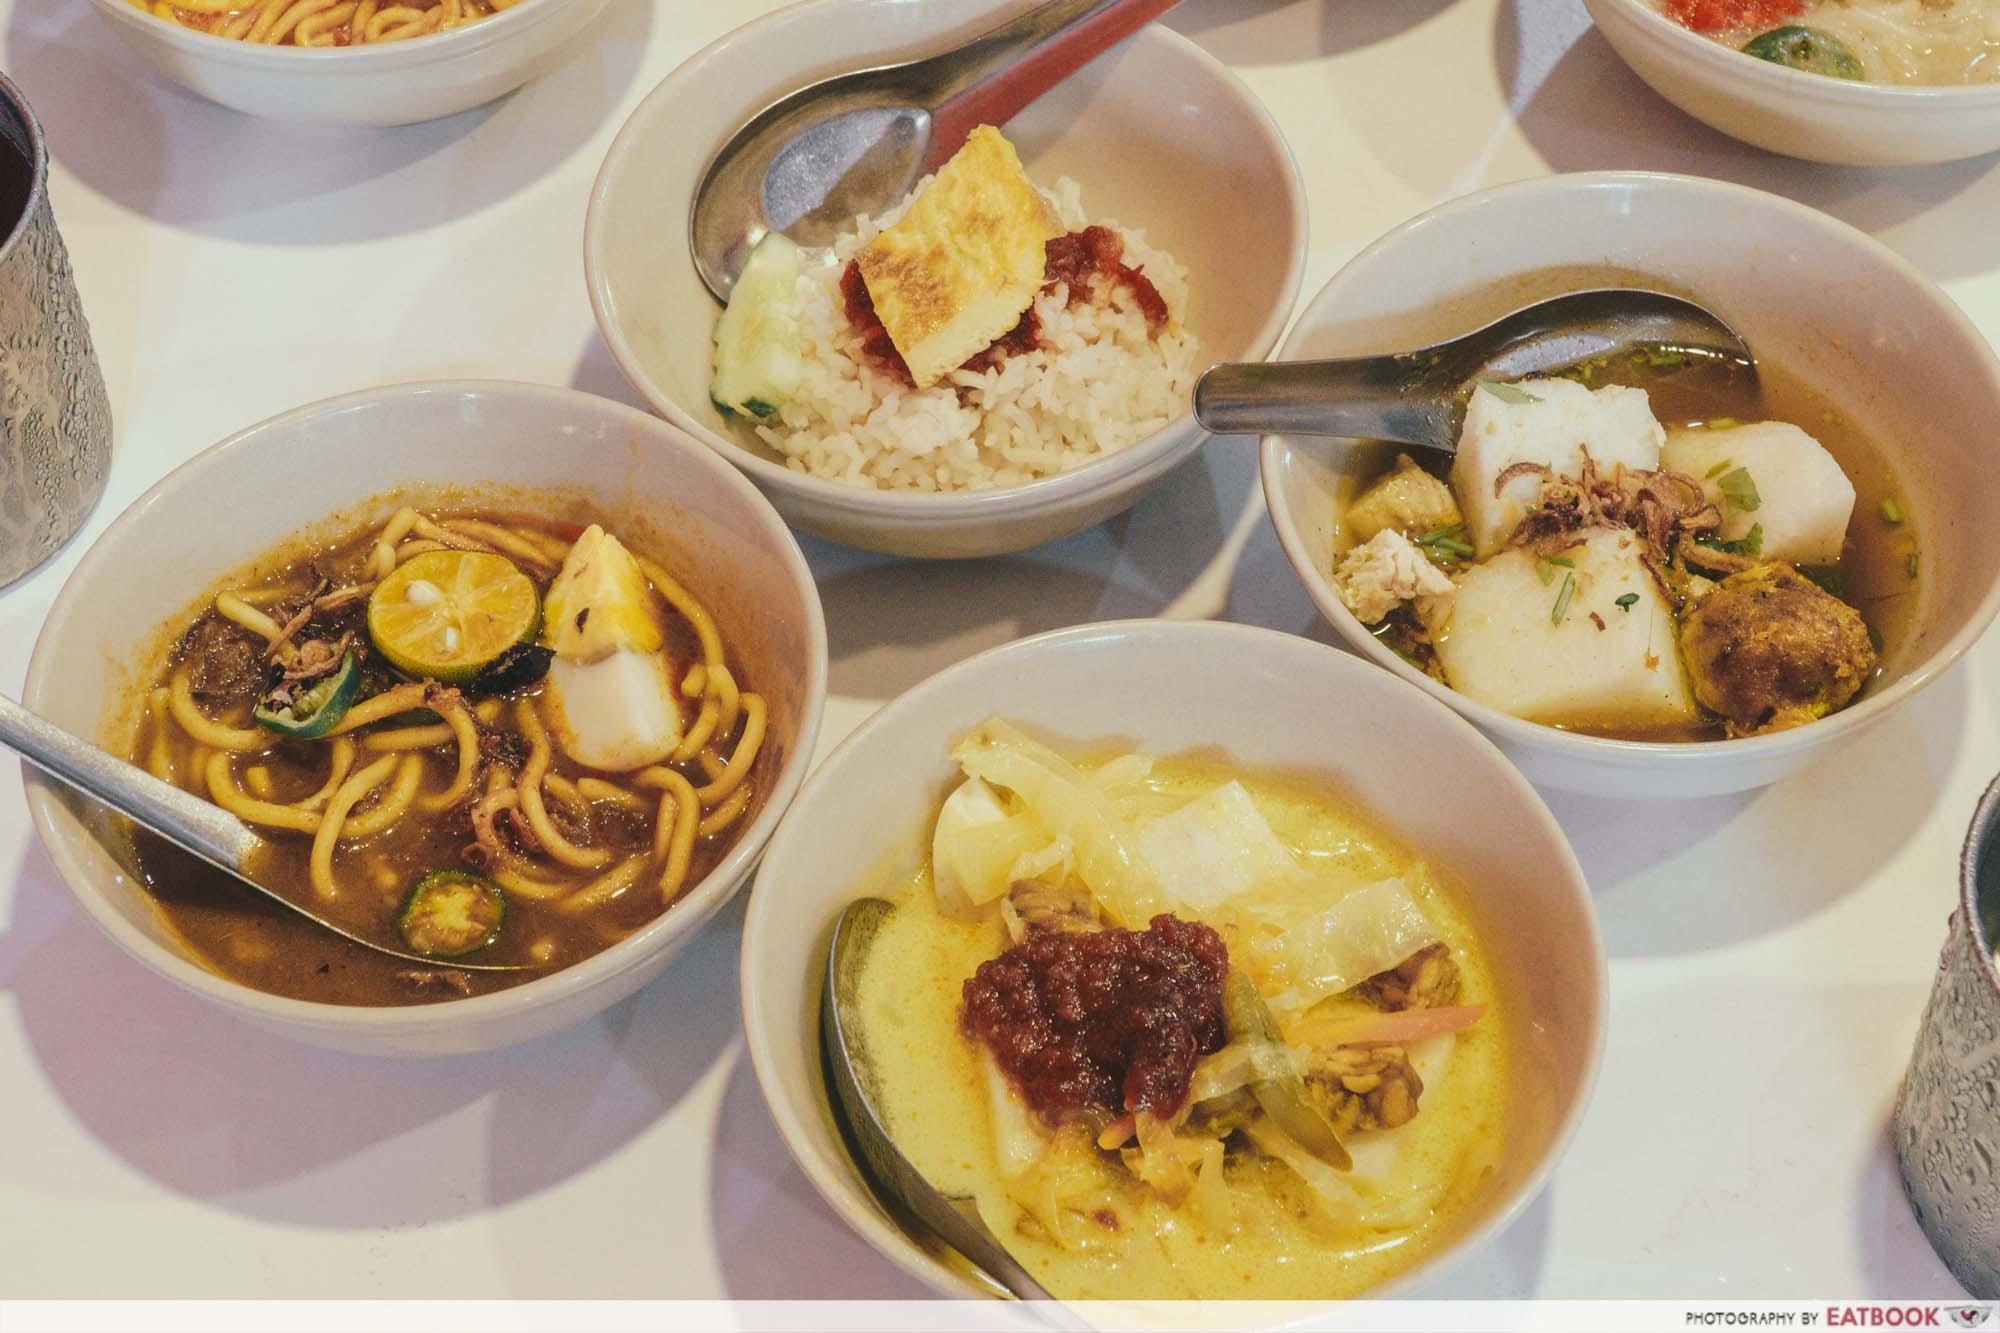 Kafe Eat & Repeat - Nasi Lemak, Soto, Lontong, Mee Rebus